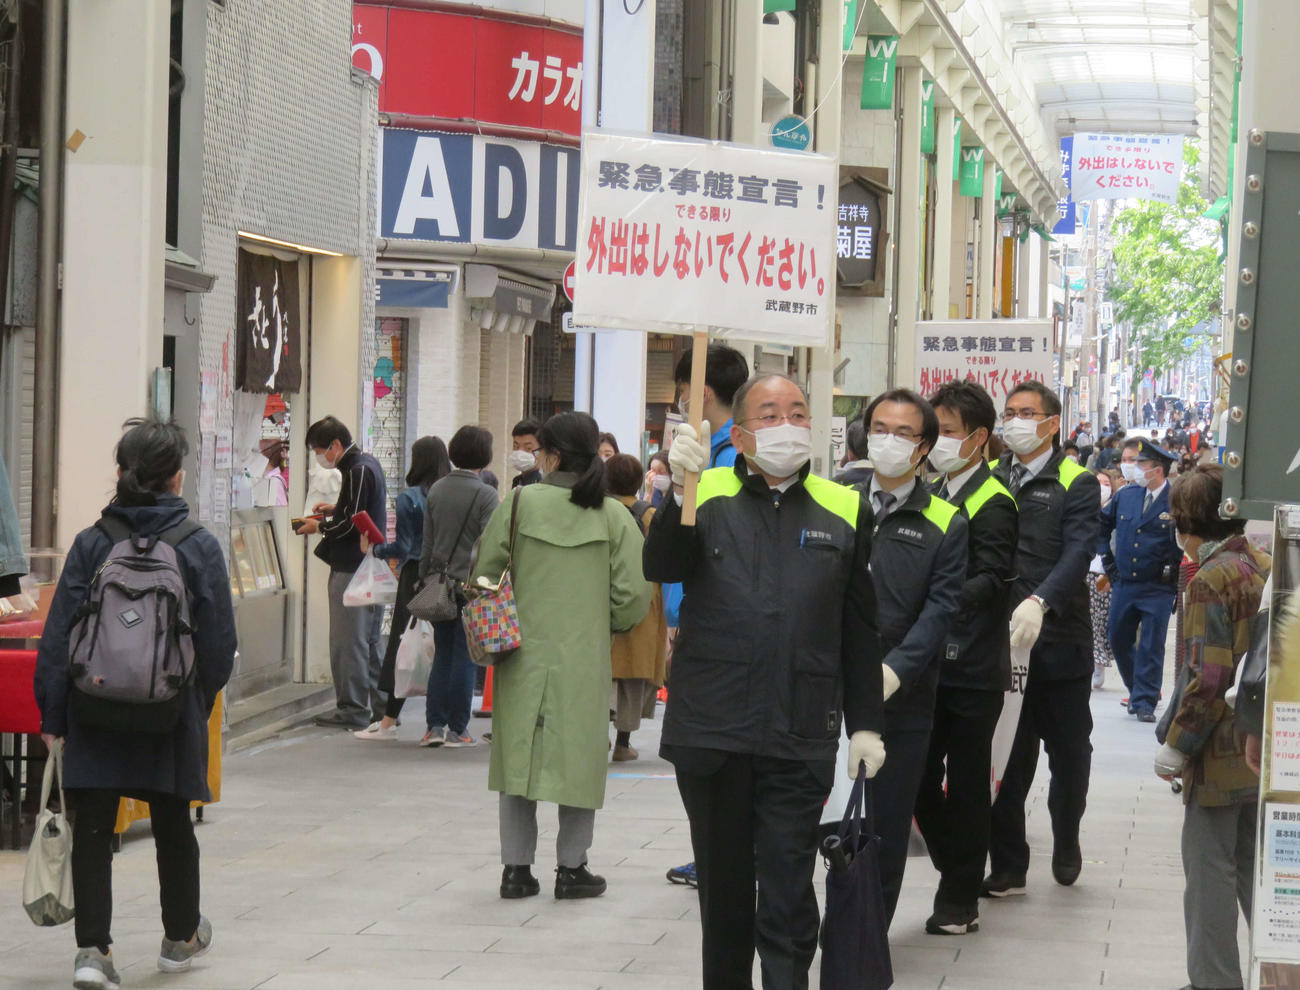 吉祥寺のアーケード街では武蔵野市の職員らが緊急事態宣言のプラカードや横断幕を手に注意喚起した